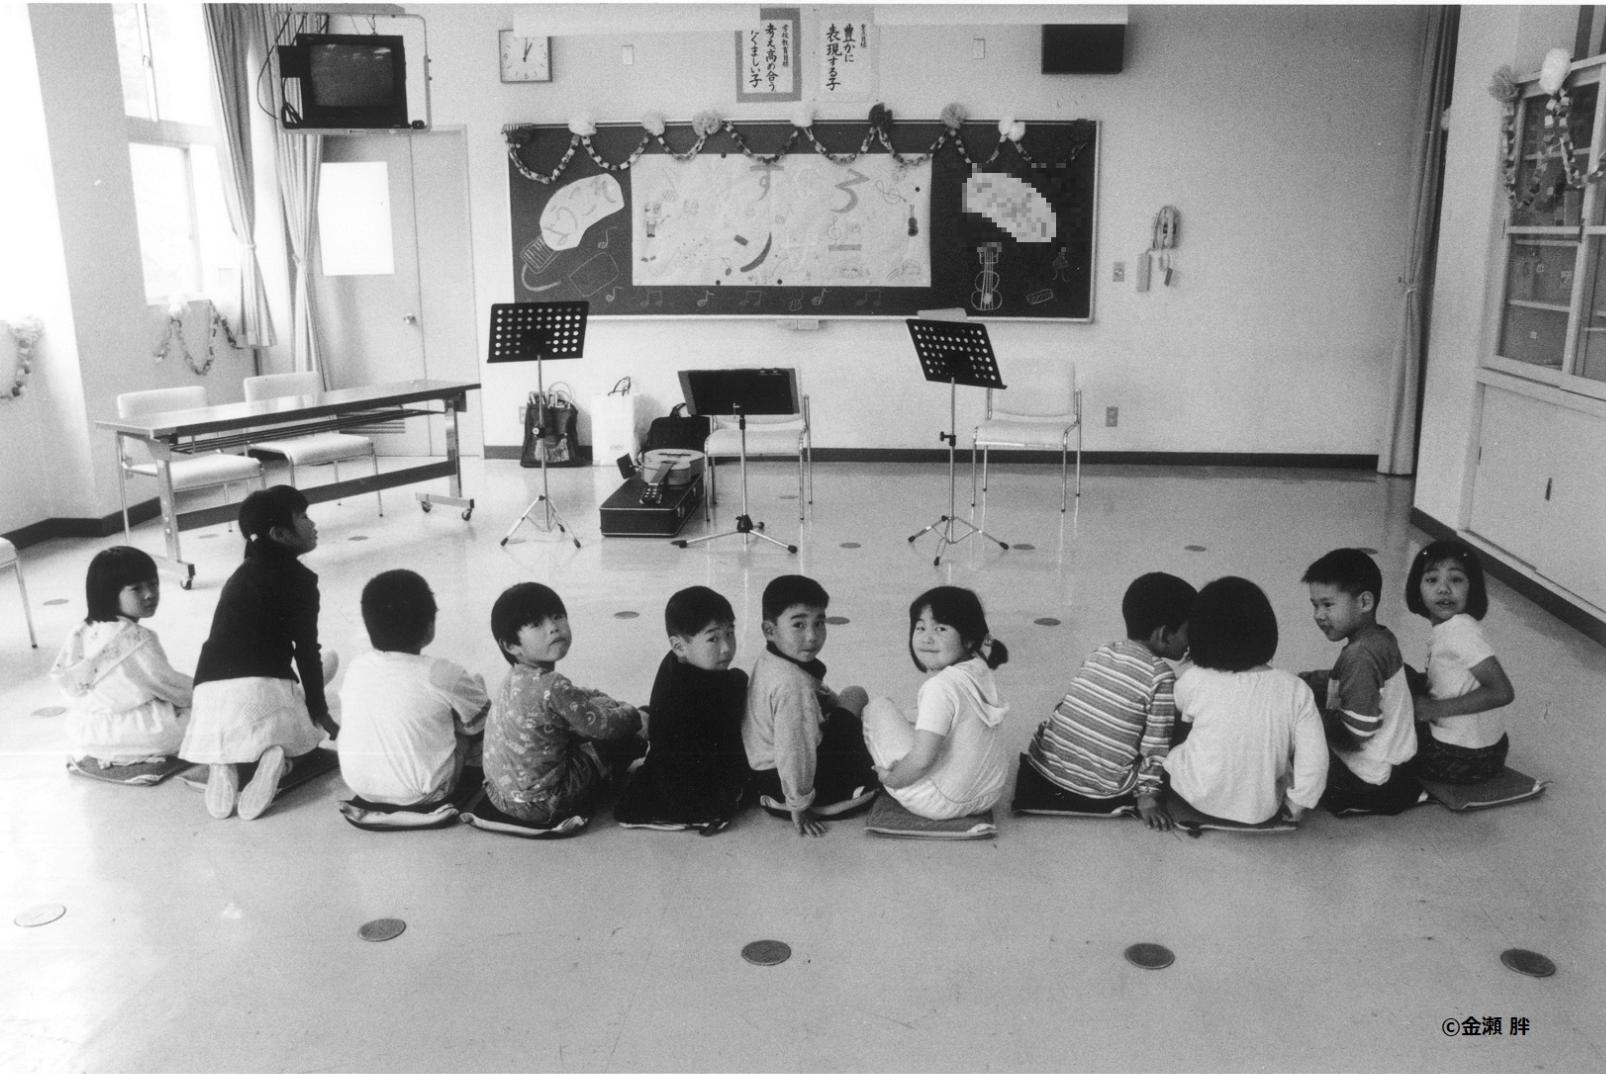 へき地の小規模小中学校の子どもたちに音楽体験を届けたい!あすなろコンサートの実施にご協力ください。